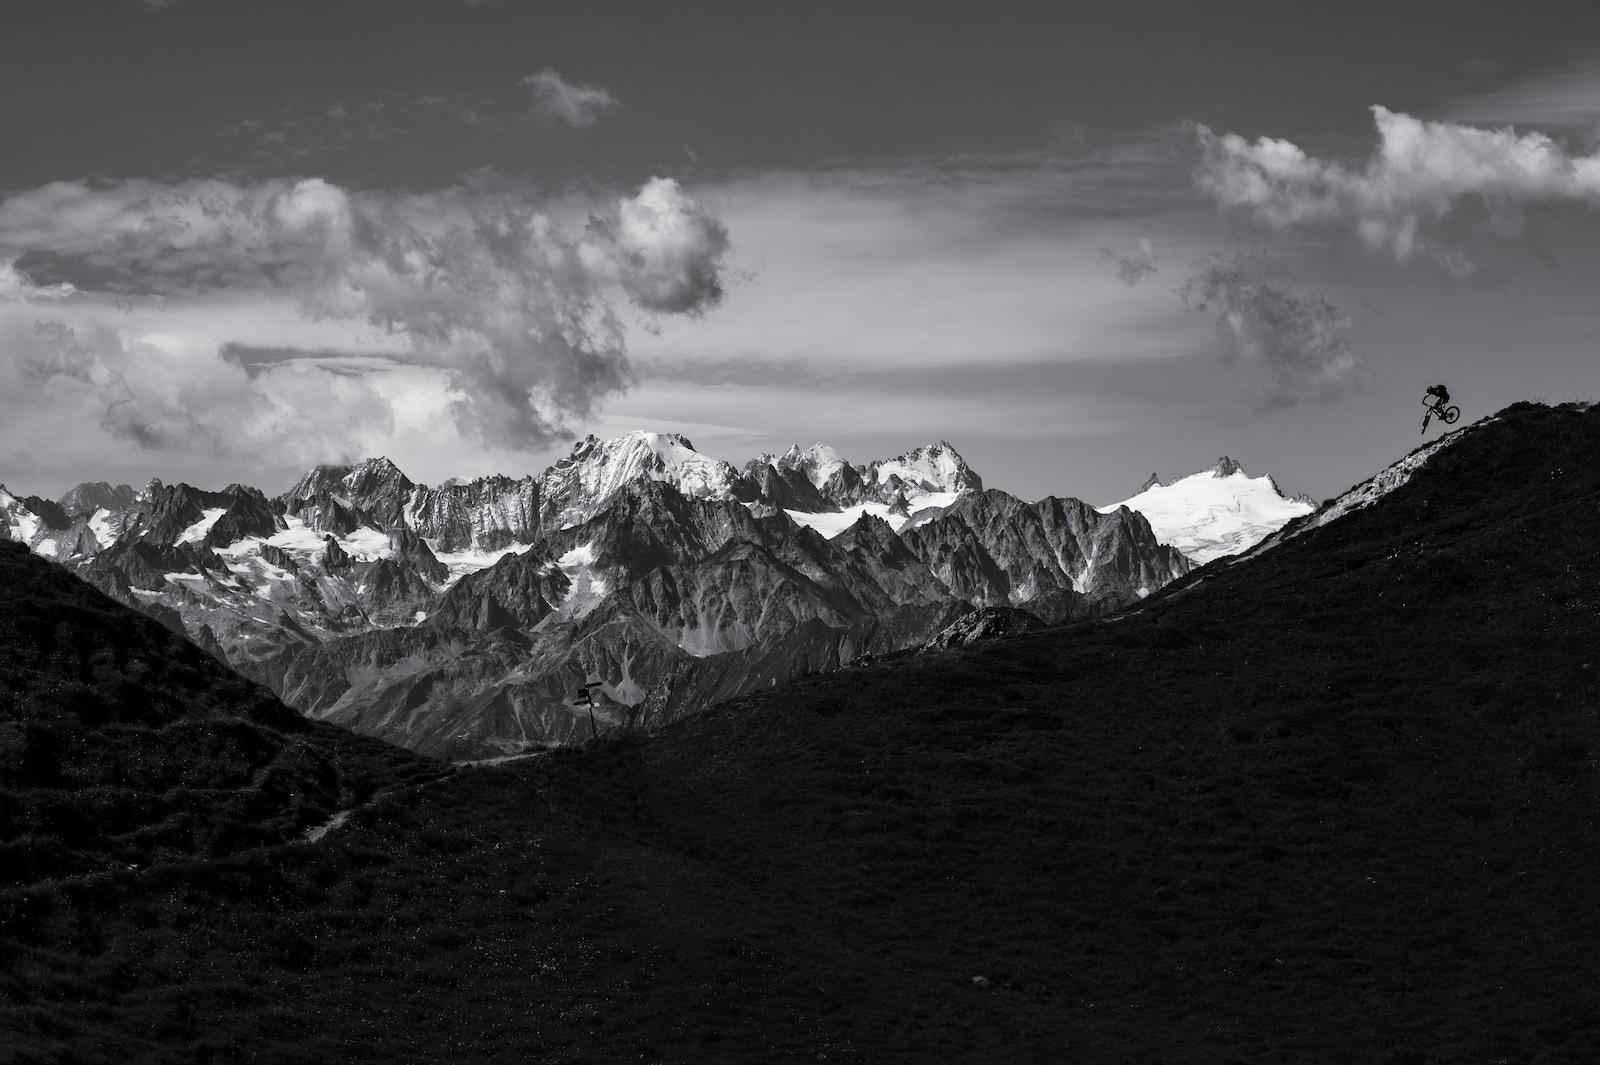 Stephen Matthews dropping in high above Verbier, Switzerland.